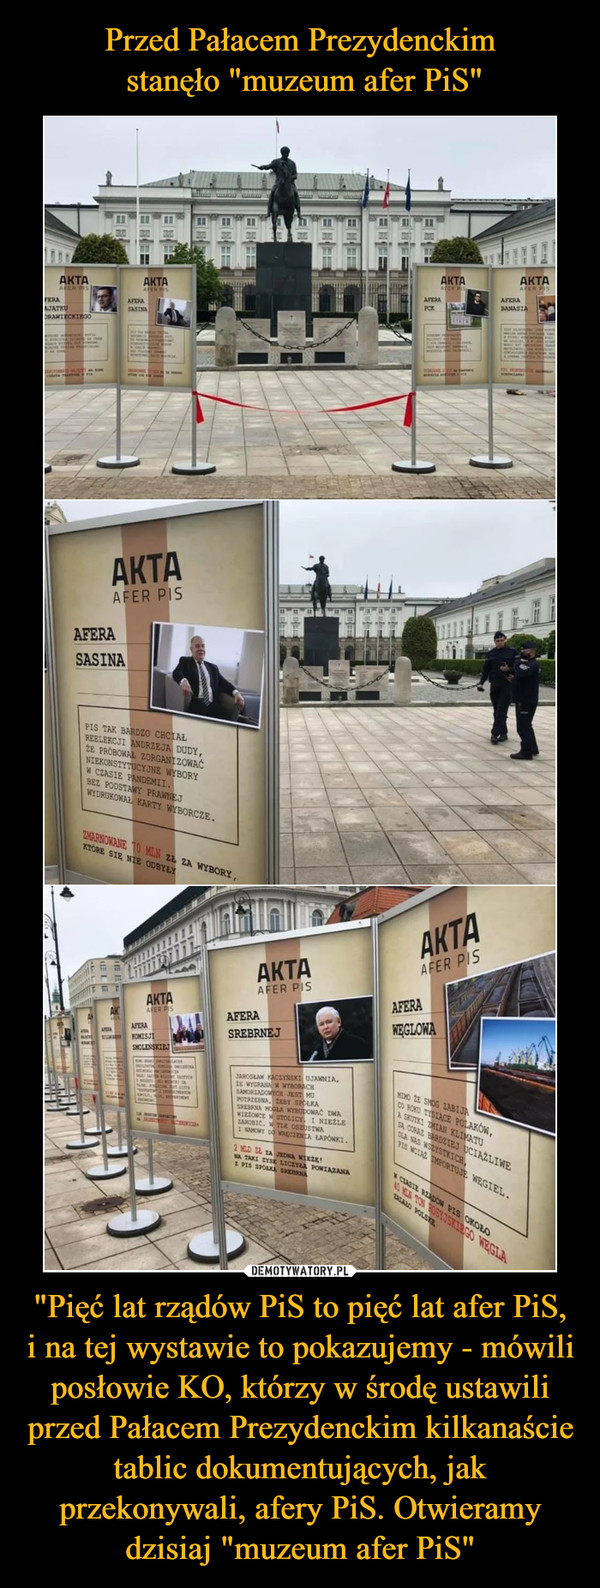 """""""Pięć lat rządów PiS to pięć lat afer PiS, i na tej wystawie to pokazujemy - mówili posłowie KO, którzy w środę ustawili przed Pałacem Prezydenckim kilkanaście tablic dokumentujących, jak przekonywali, afery PiS. Otwieramy dzisiaj """"muzeum afer PiS"""" –"""